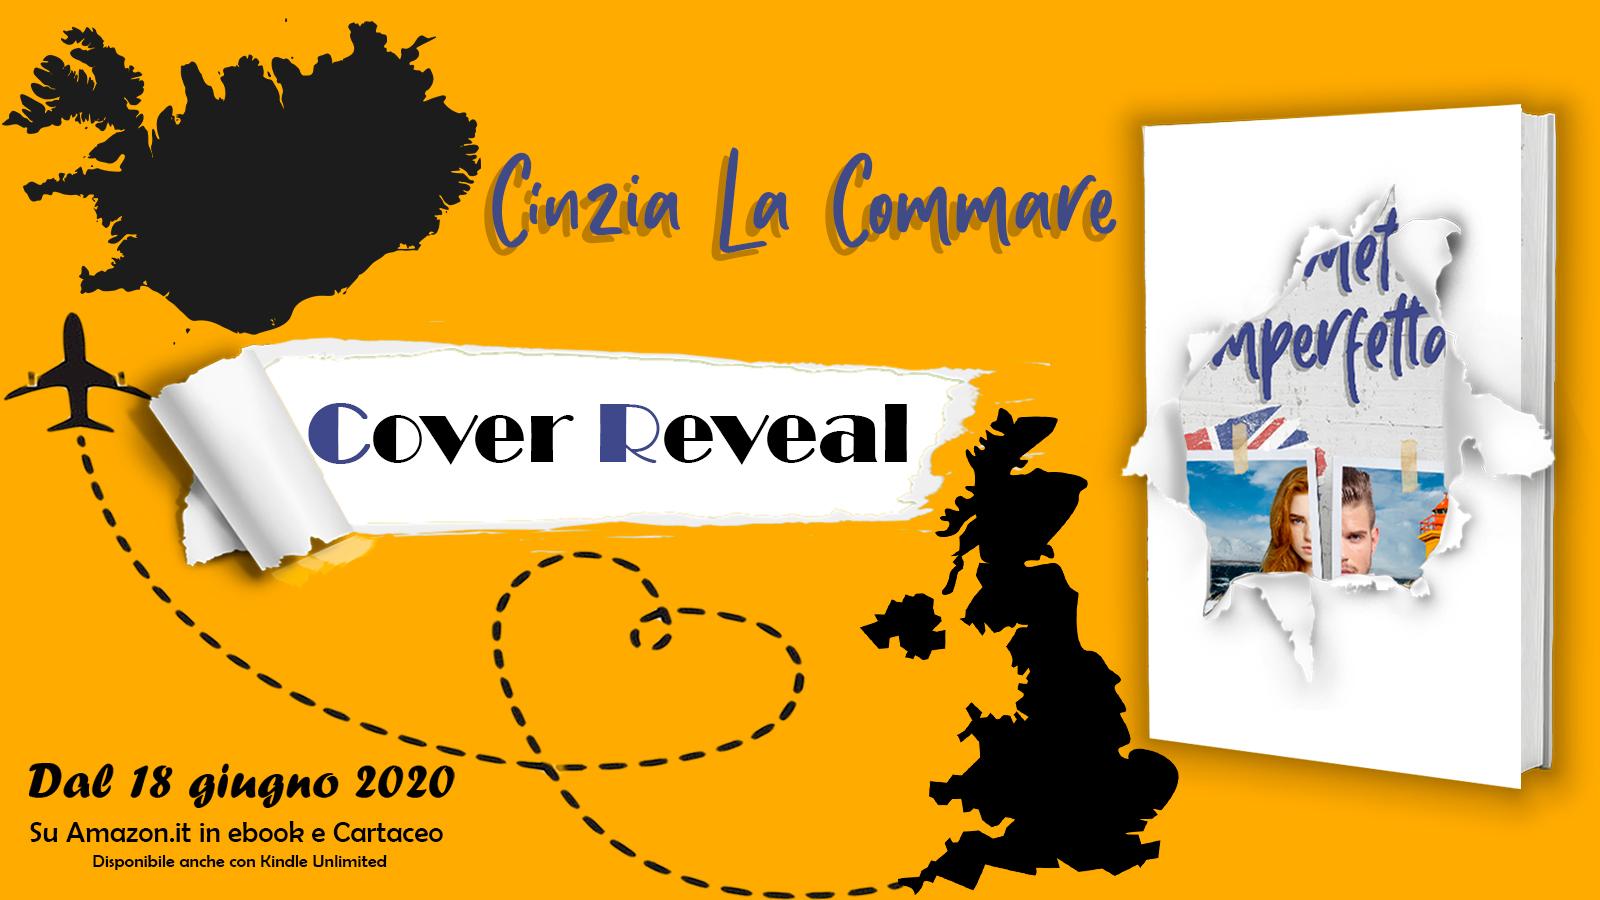 La metà imperfetta - banner cover reveal